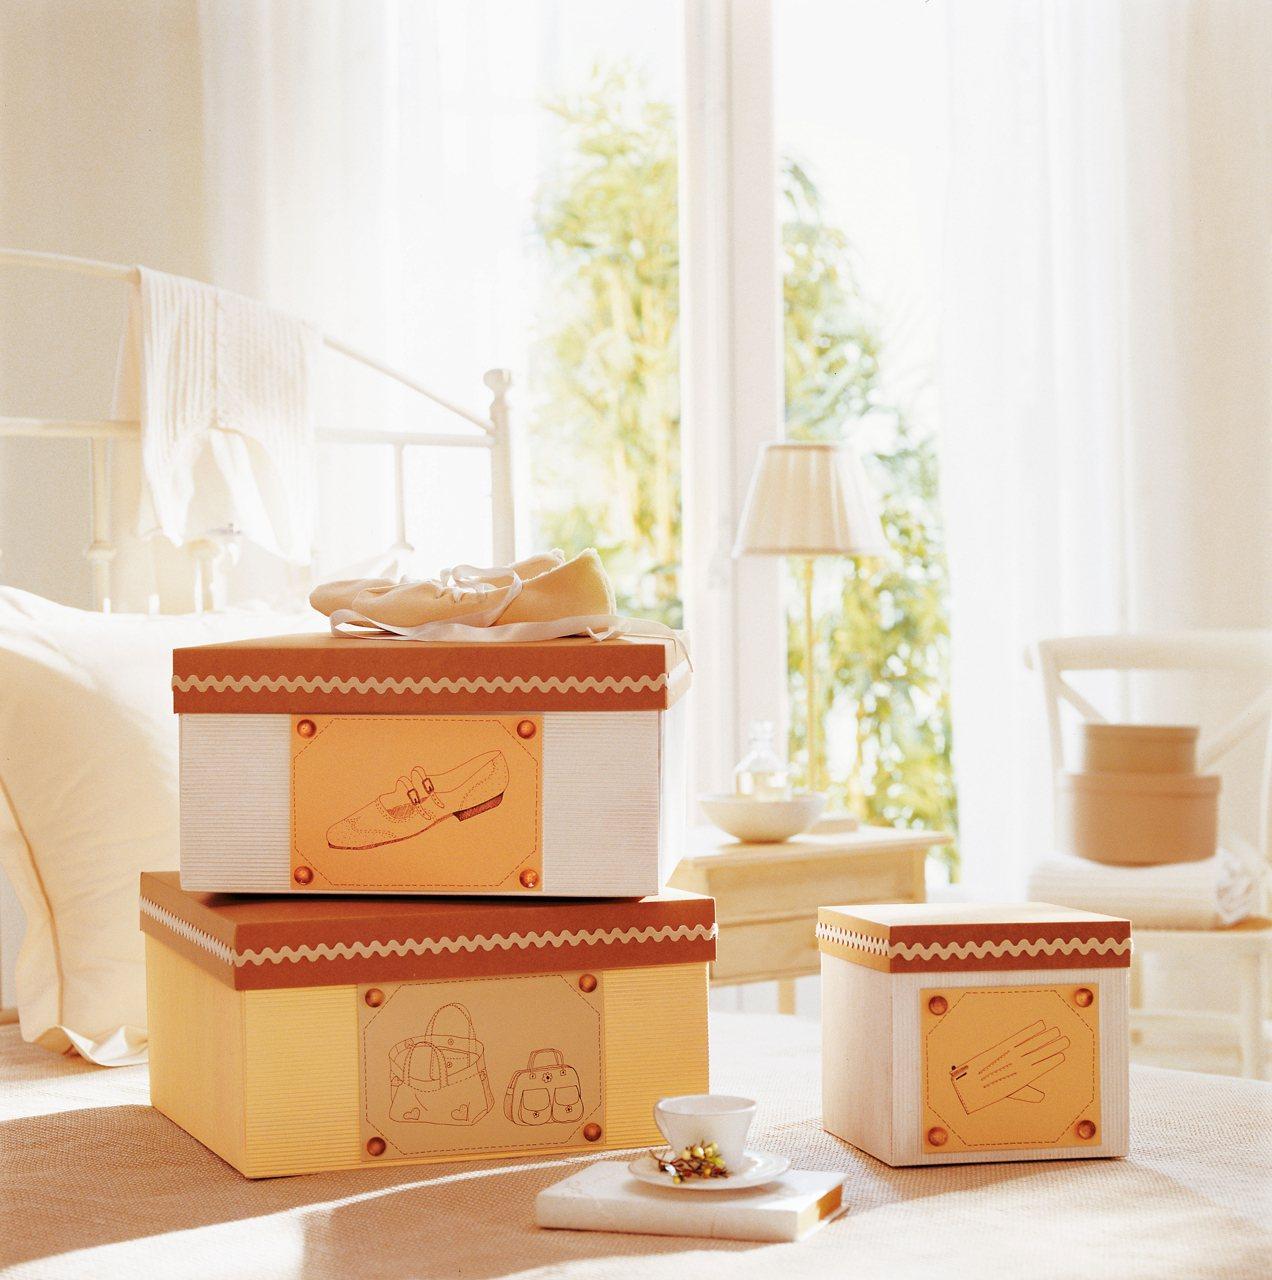 Cajas y cestos c mo ordenar las cosas peque as de casa for Cajas decorativas para almacenar